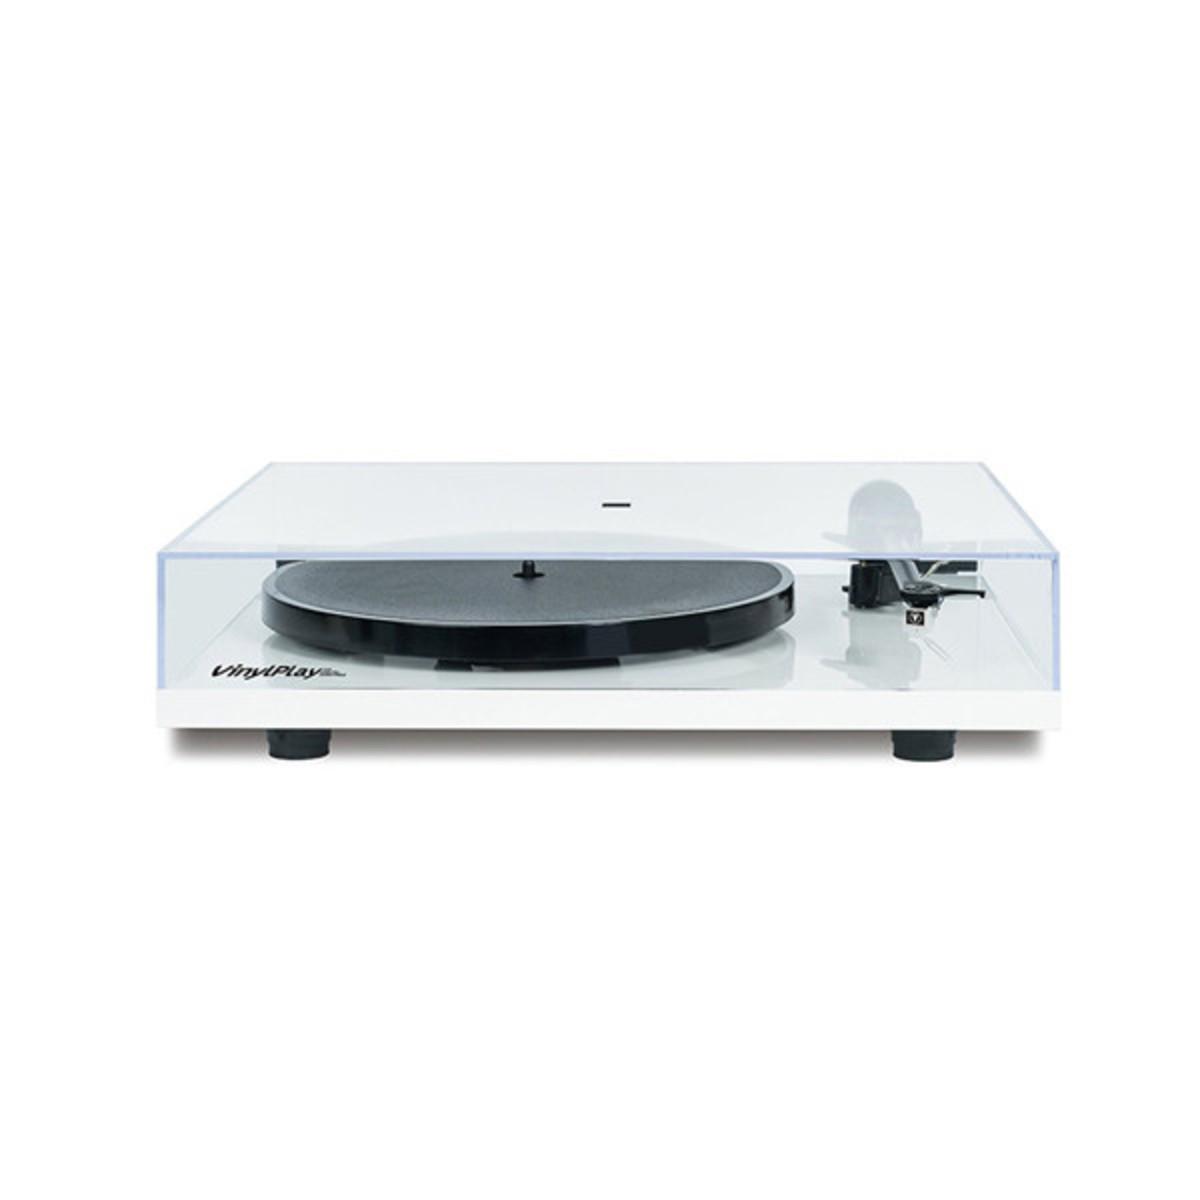 sonderangebot flexson vinylplay plattenspieler a2d pre out wei bei gear4music. Black Bedroom Furniture Sets. Home Design Ideas